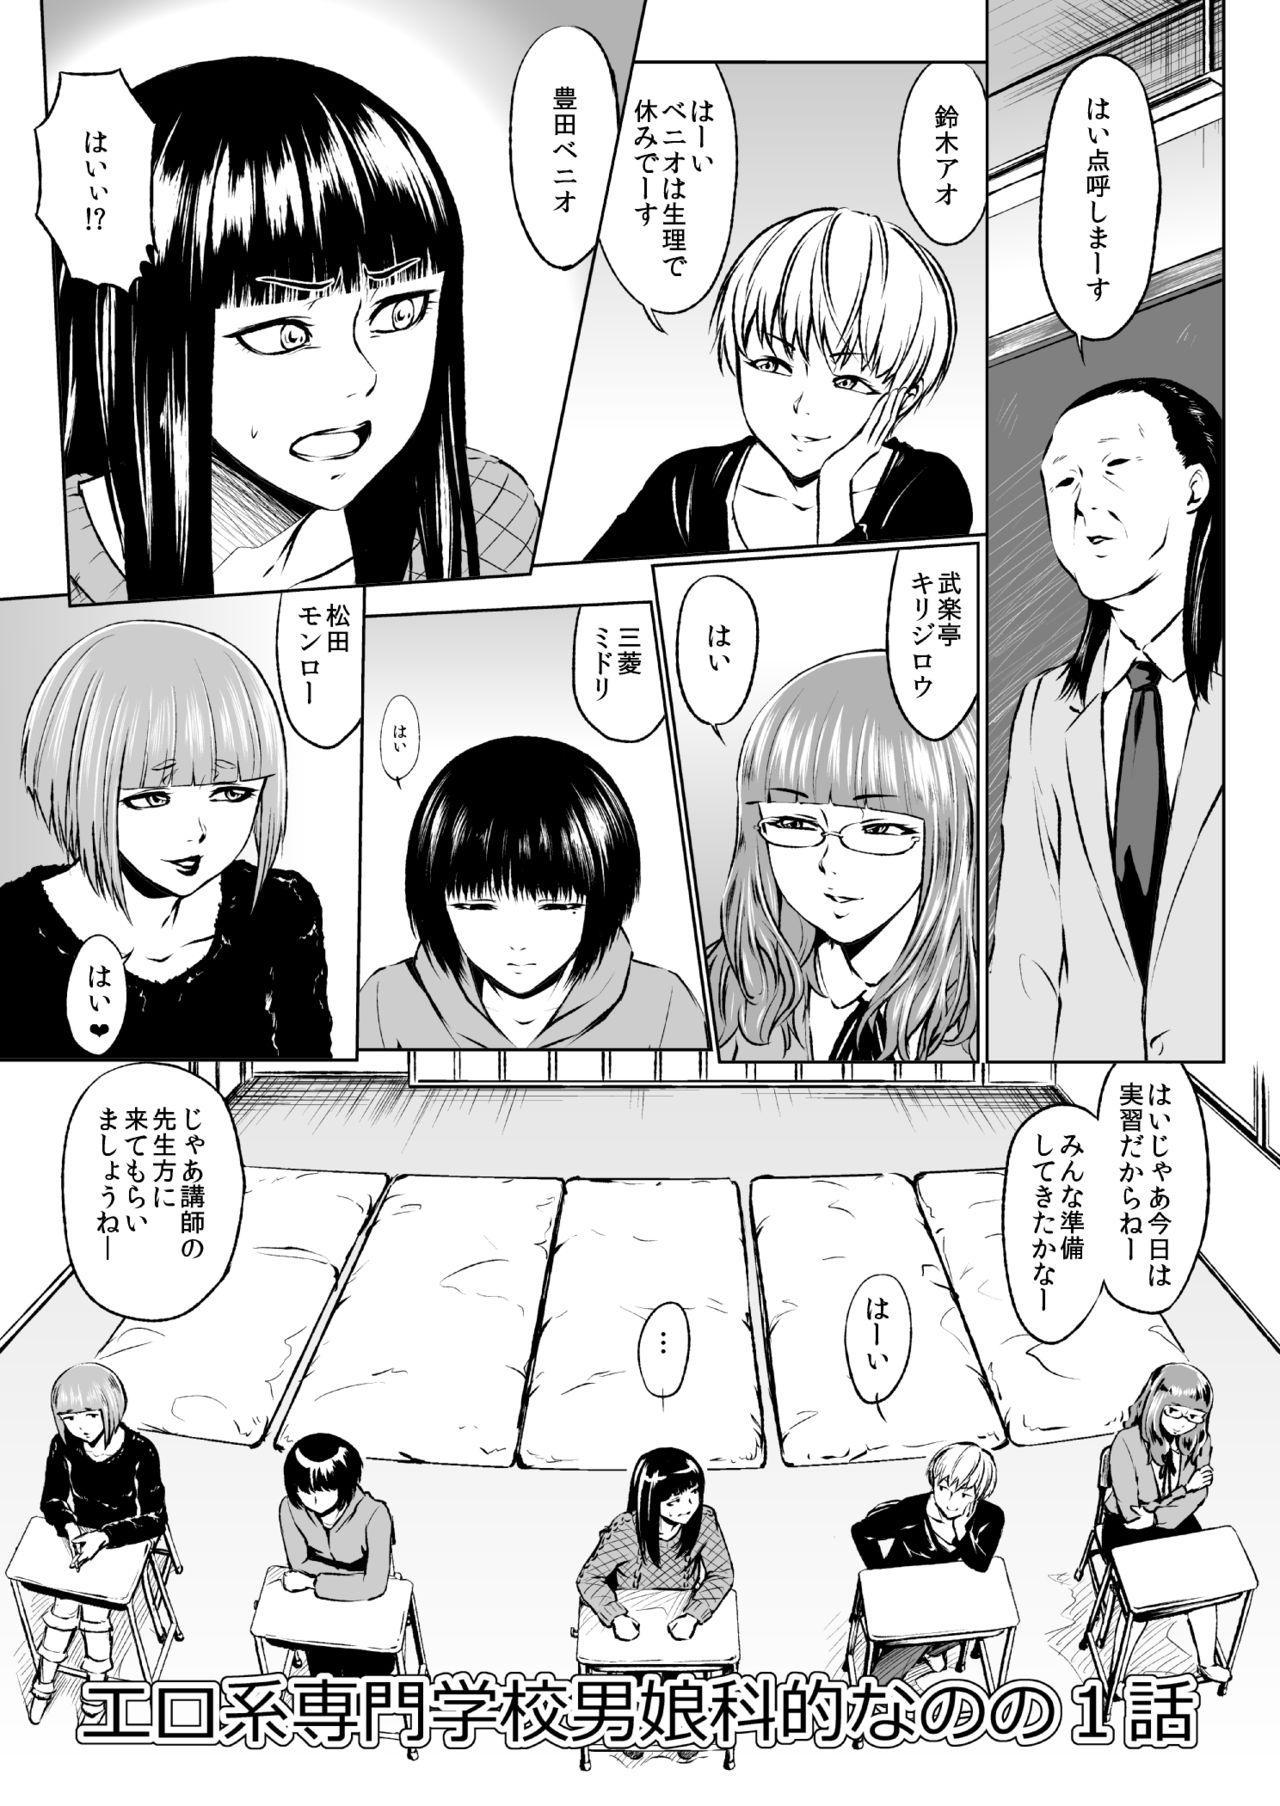 [Zenra QQ] Ero-kei Senmon Gakkou Otokoka-teki nano no 1-wa 0